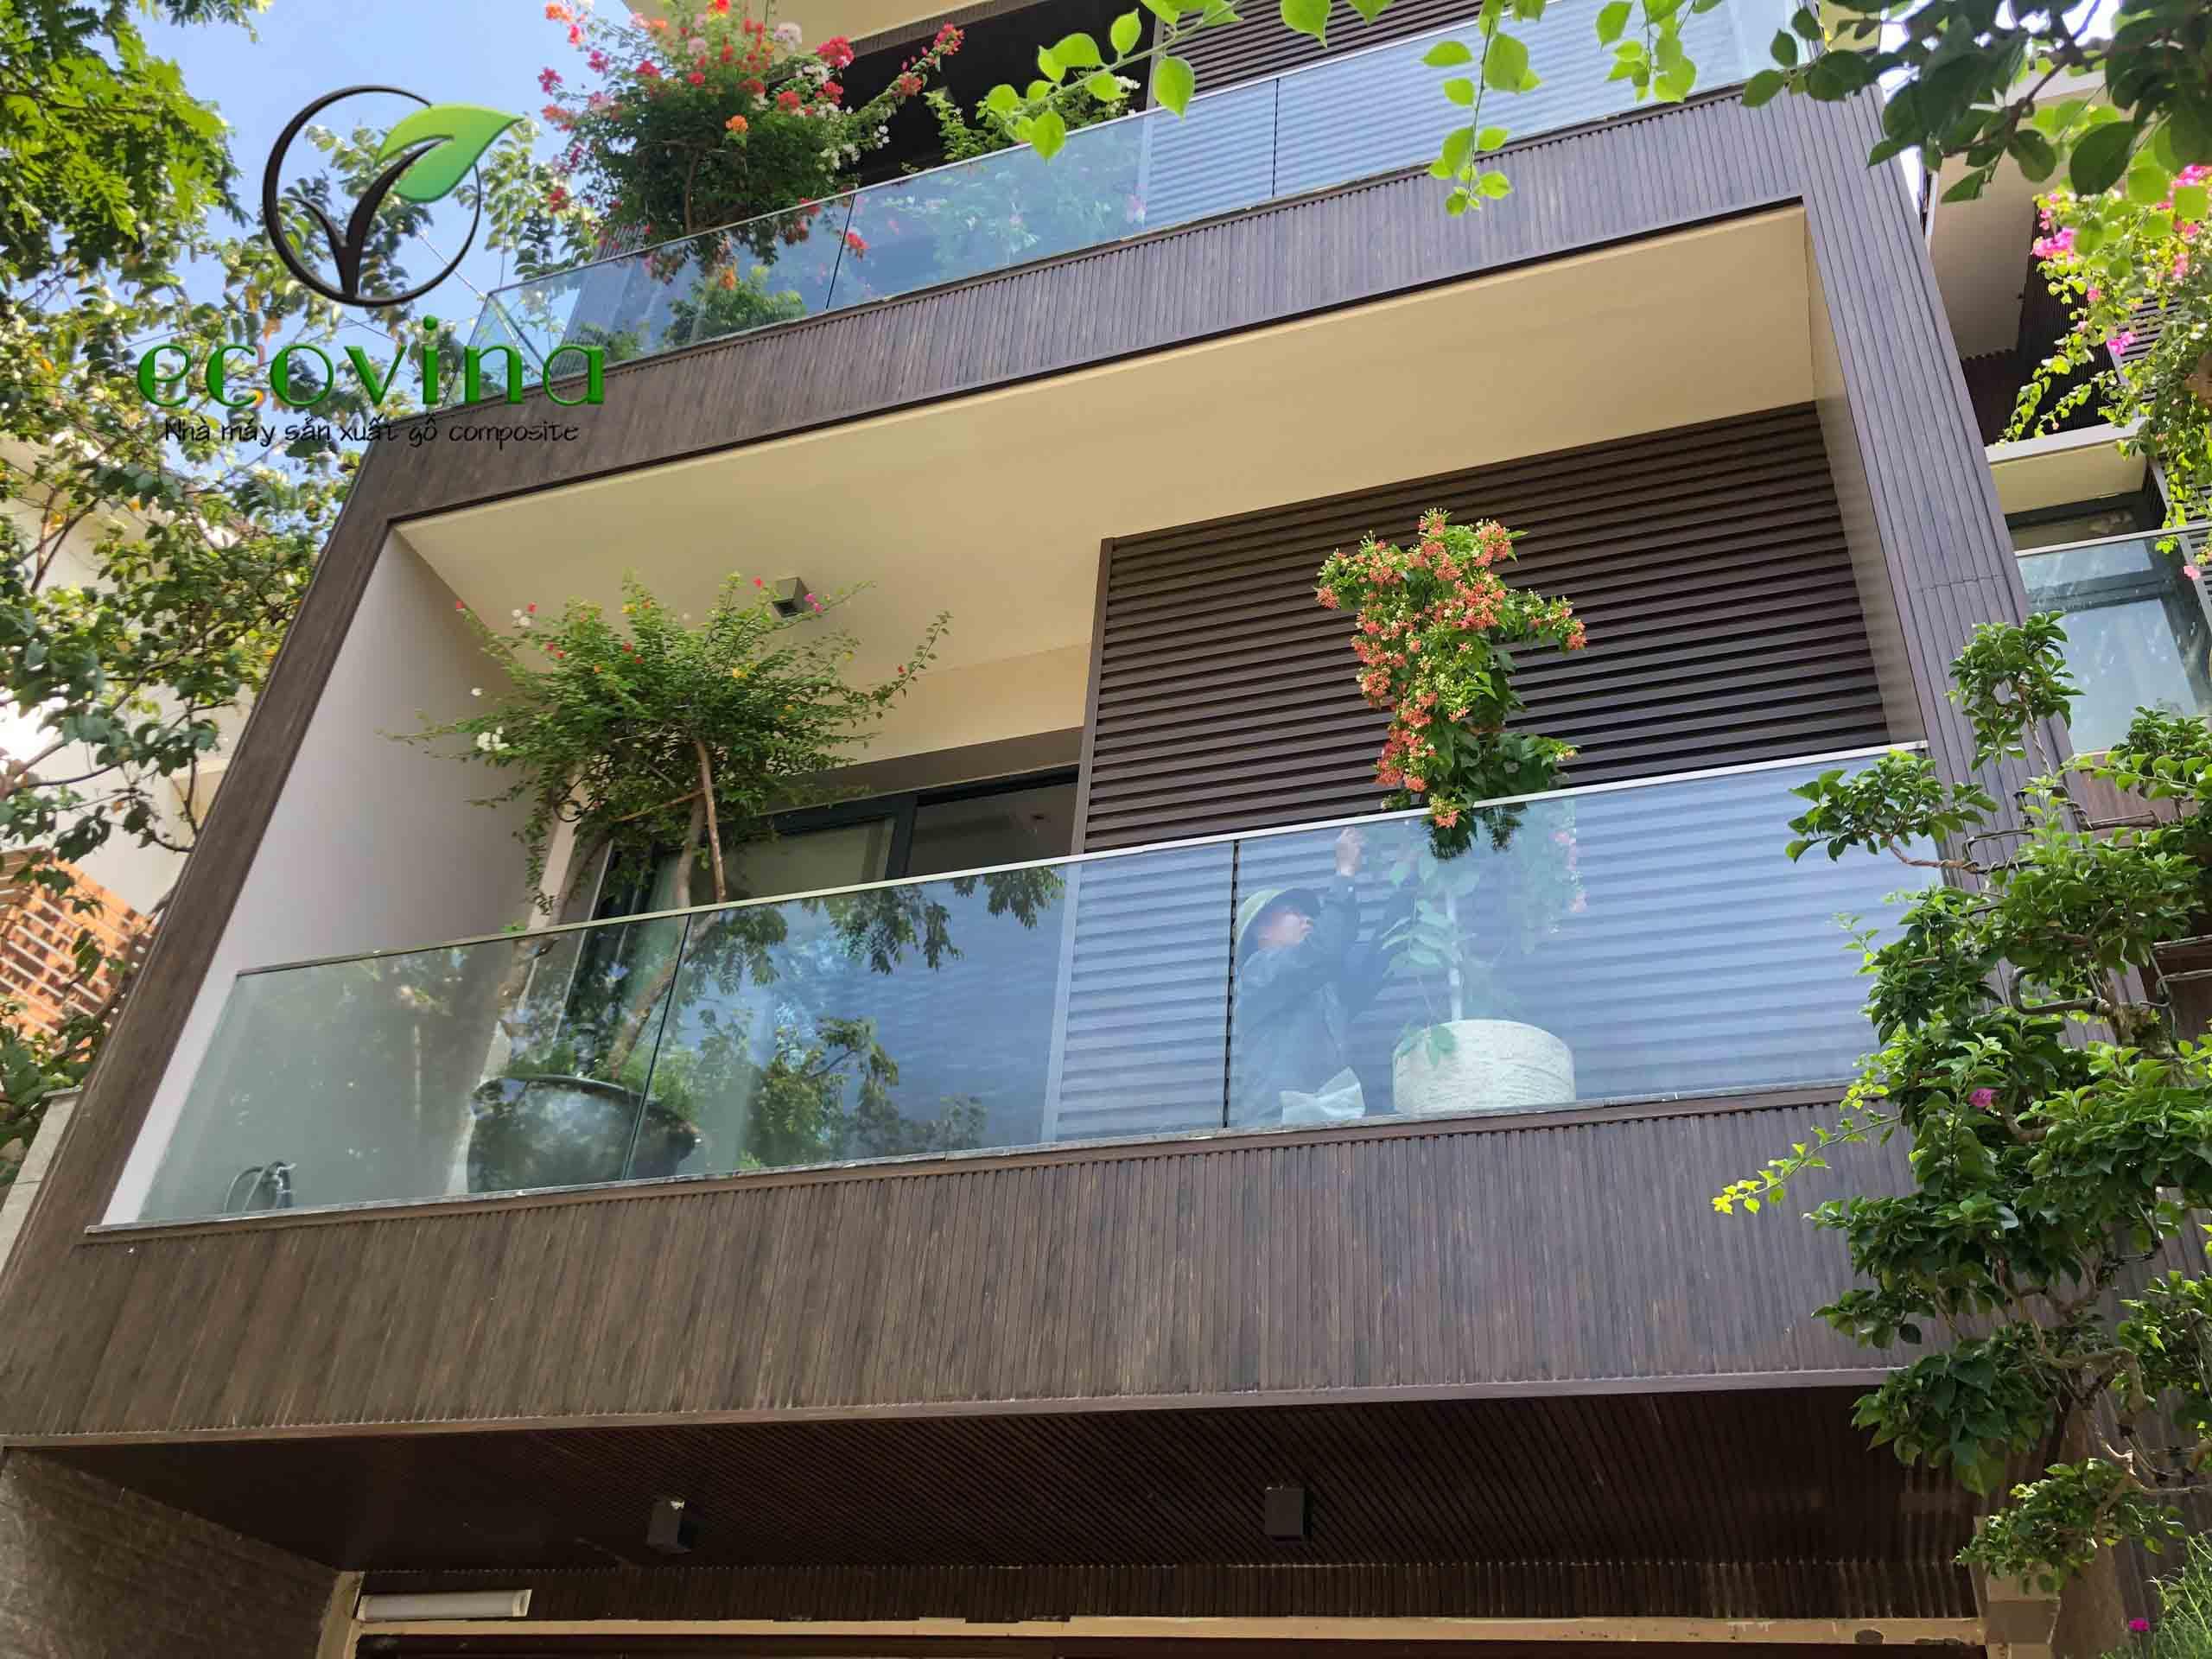 Tấm nhựa ốp tường sủ dụng cho cả không gian nội và ngoại thất của ngôi nhà